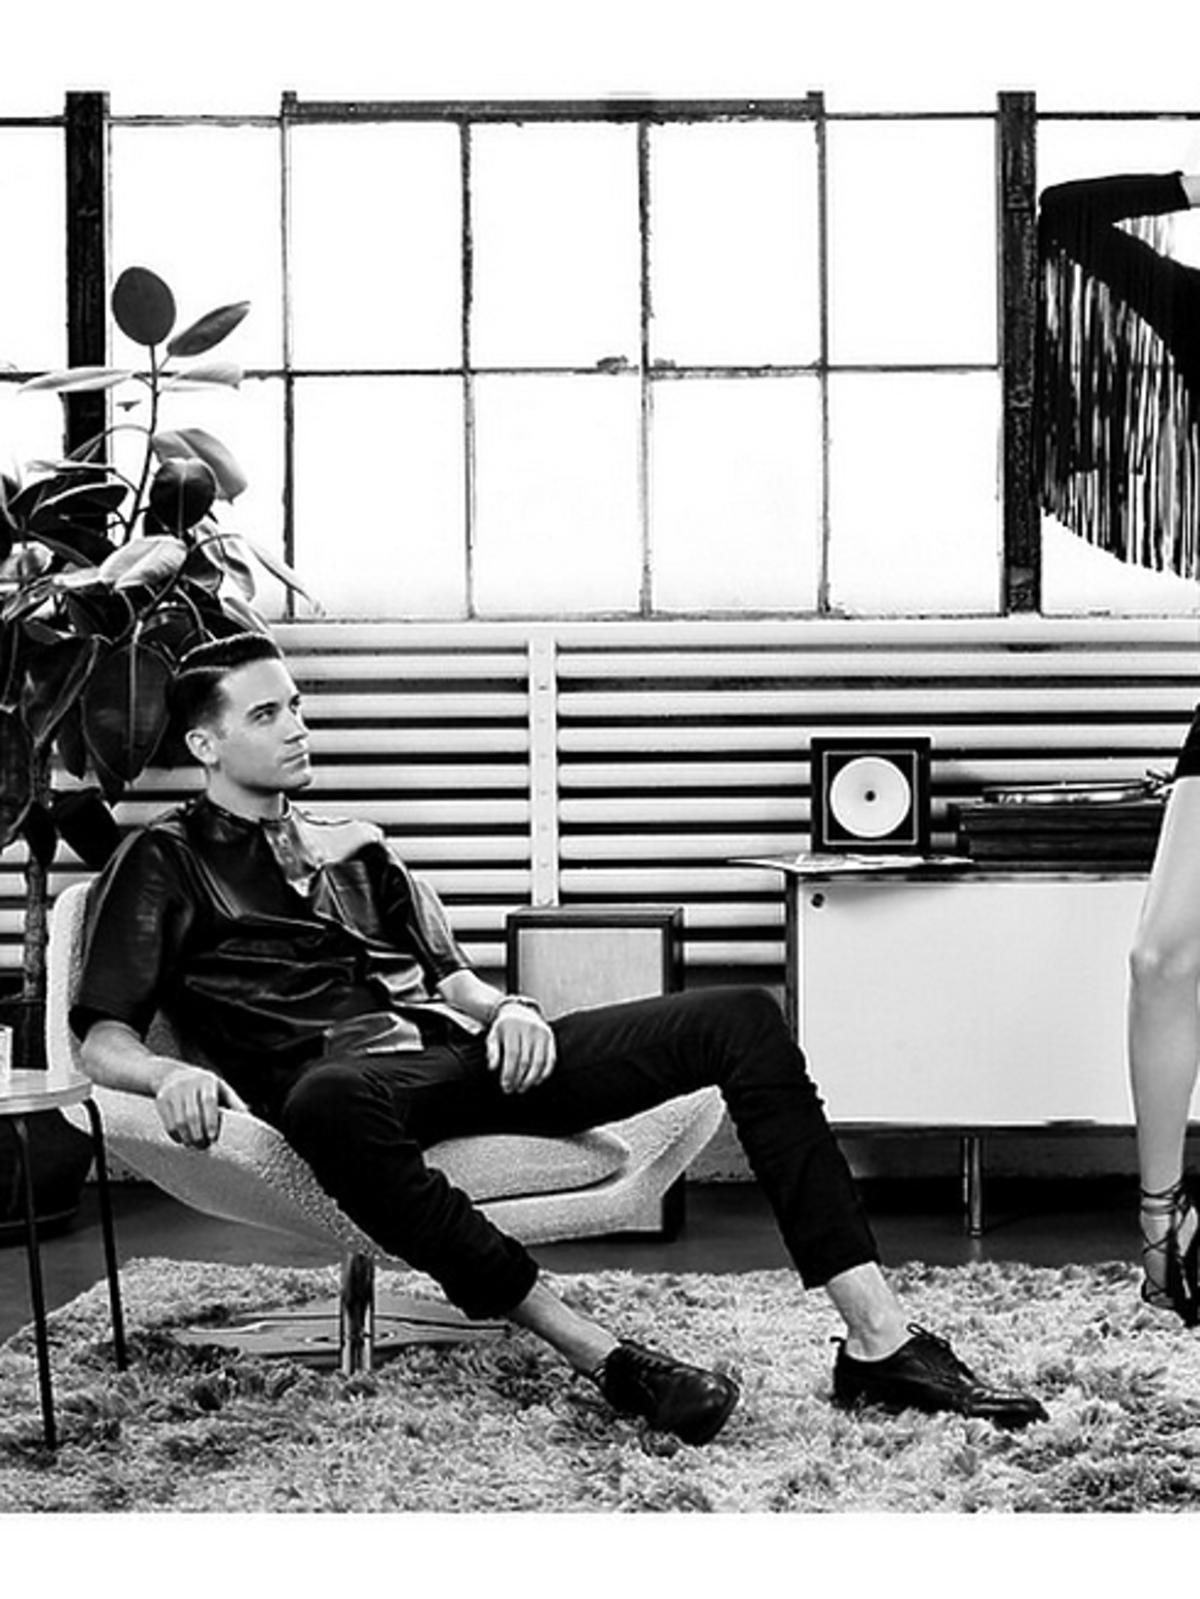 Anja Rubik w kampanii marki odzieżowej Justina Timberlake'a na Instagramie